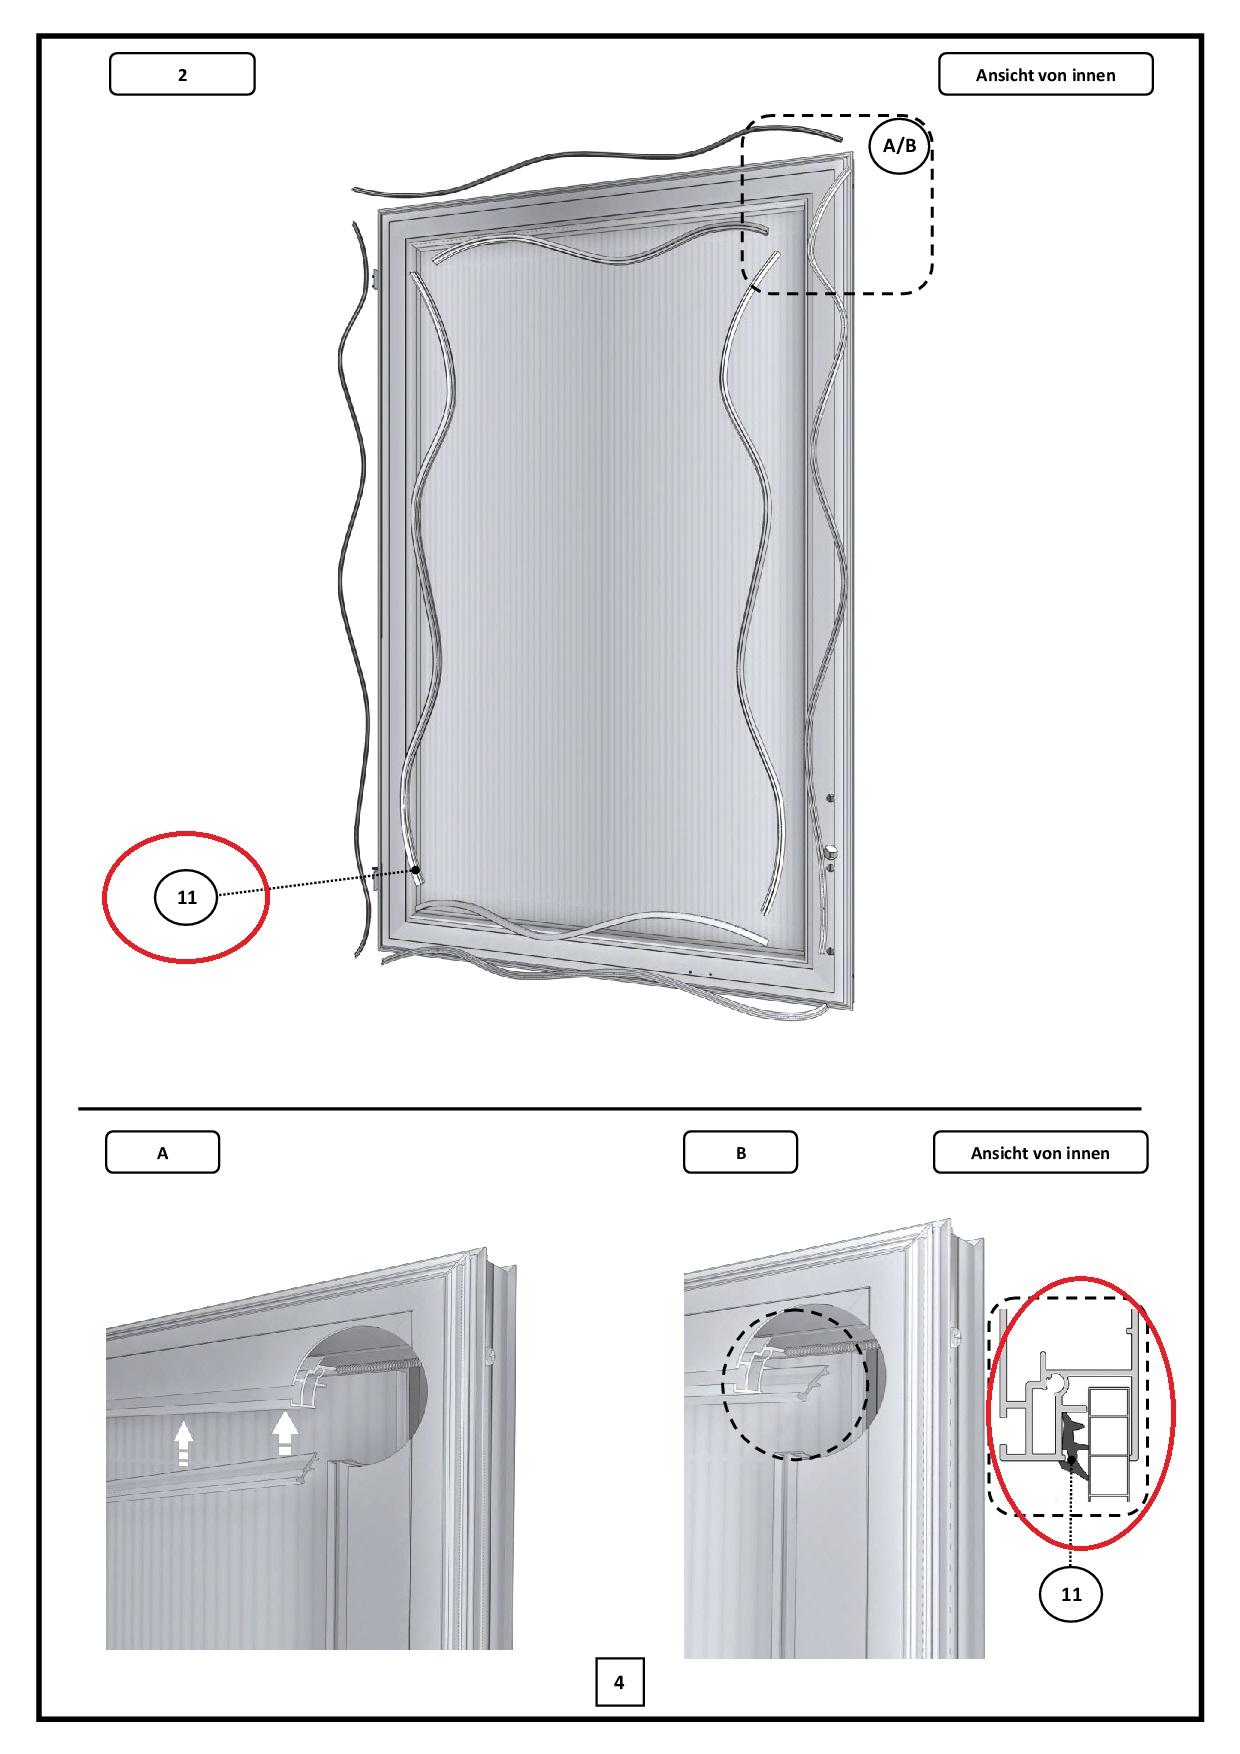 Keildichtung 6 - 8 mm